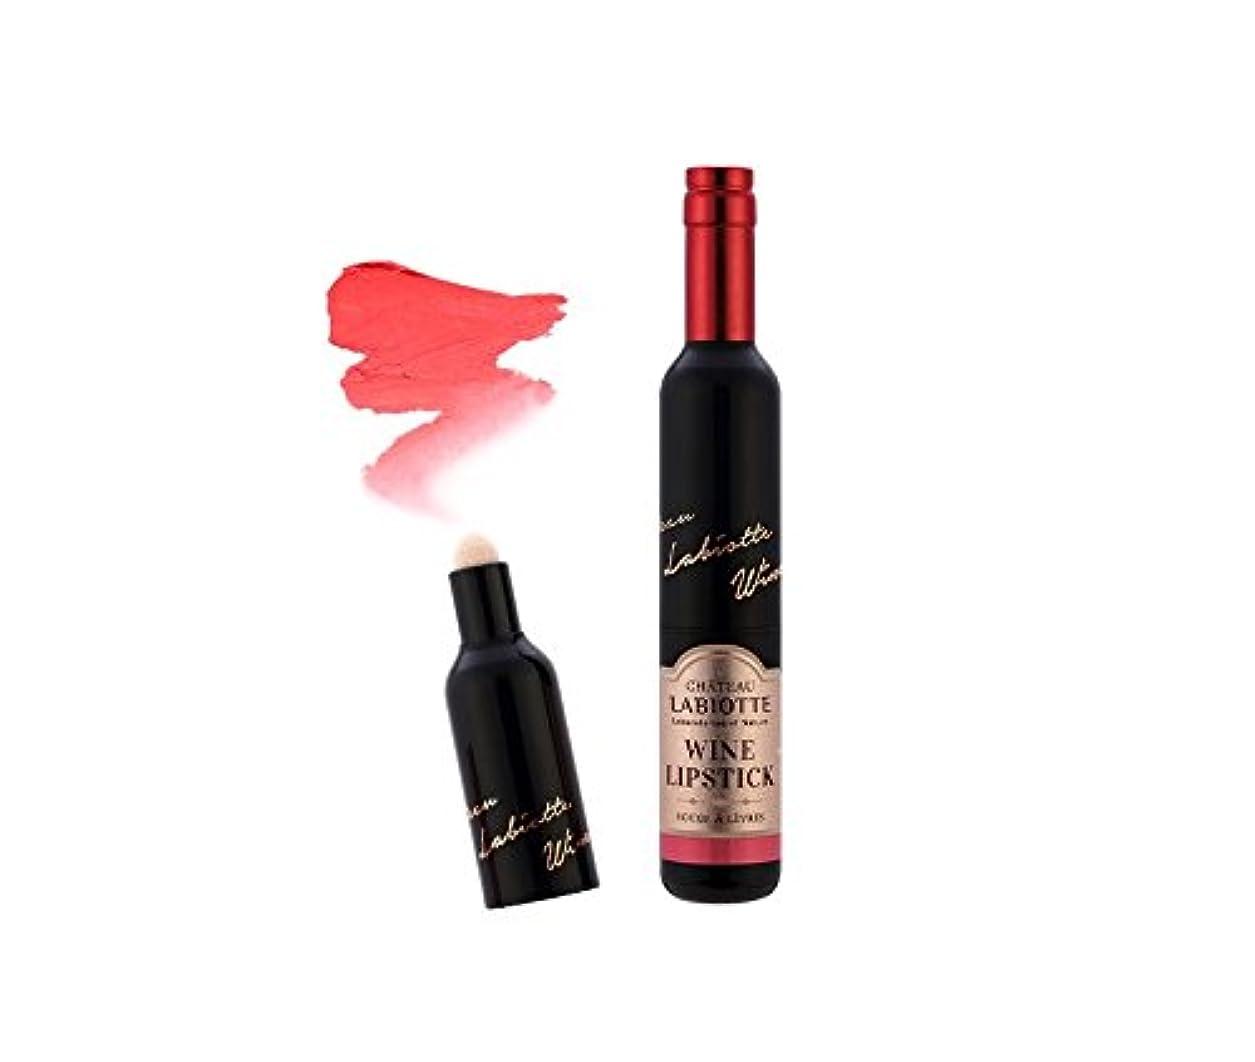 自分の力ですべてをする鯨効率的にLABIOTTE (ラビオッテ) シャトーラテ ワイン リップ グロス 口紅 Melting [海外直送品] Labiotte Wine Lipstick Fitting (RD03 Cabernet Red)